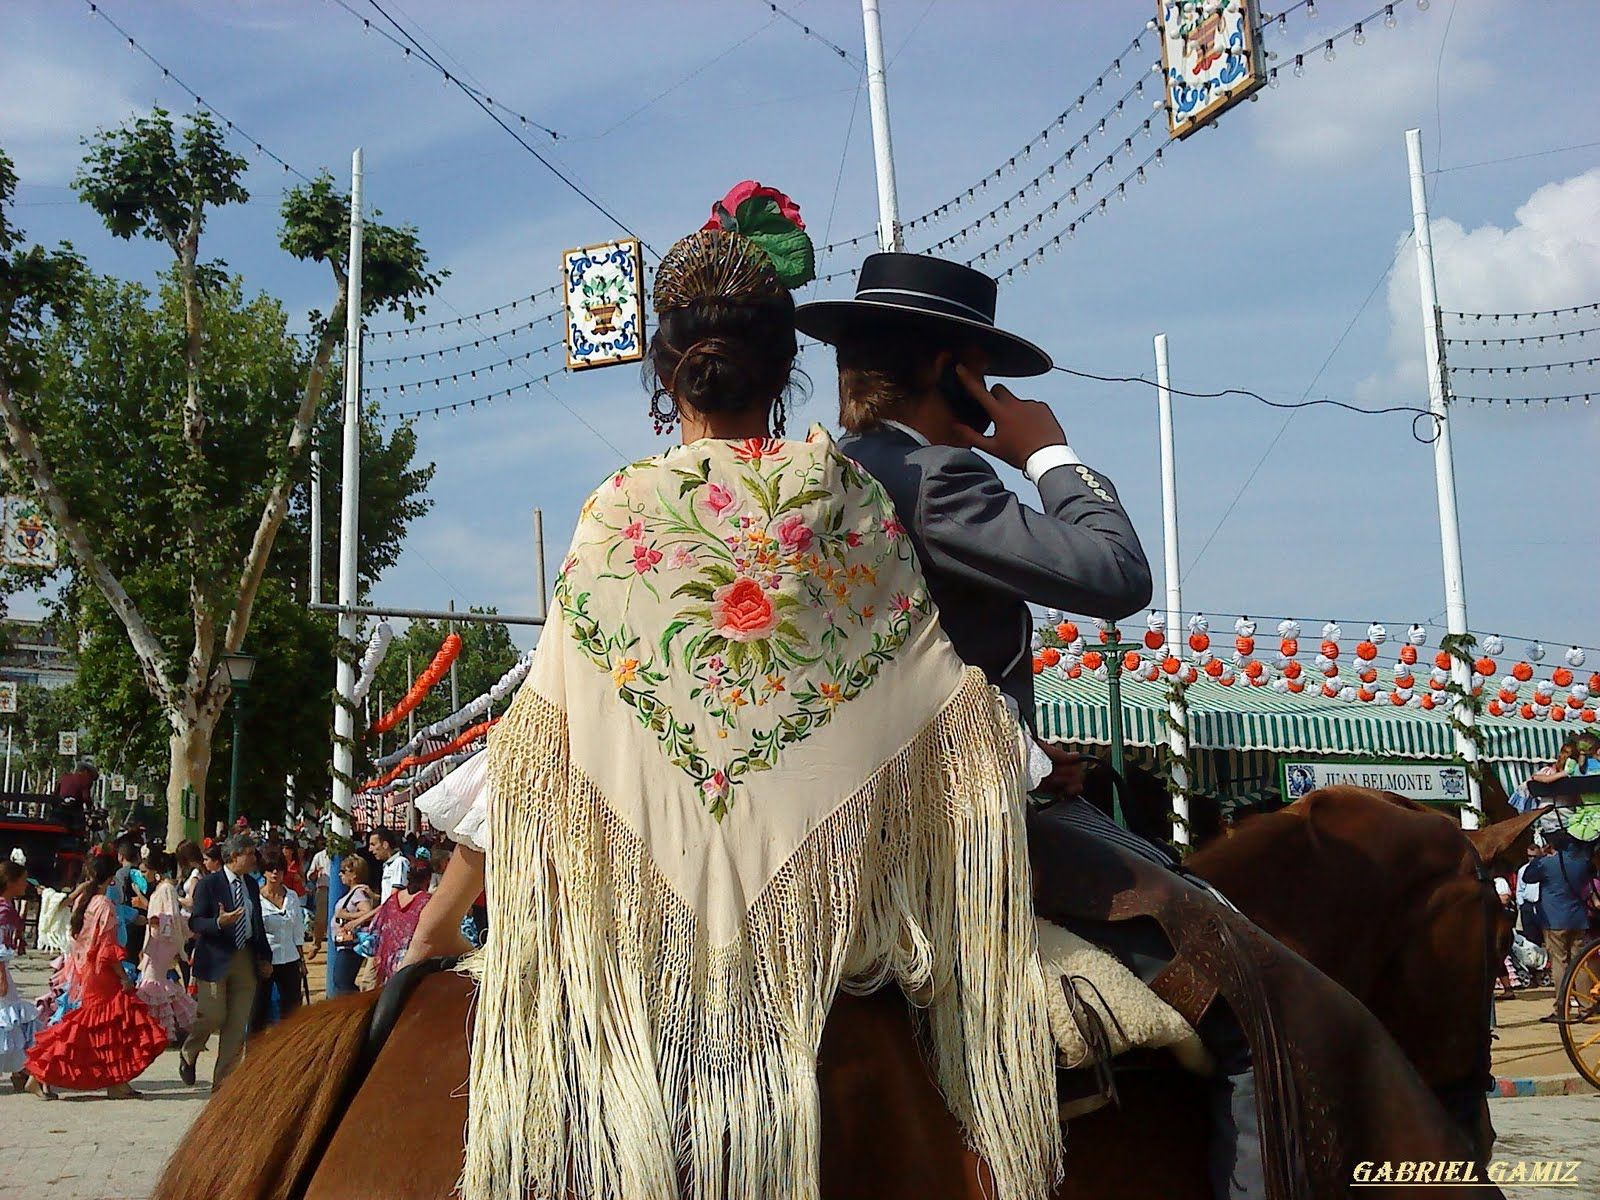 Assister à la Feria de Seville 2016 avec IRIS EVENT.Votre séjour sur mesure pour vivre au mieux cet incroyable rendez vous que tous les sévillans attendent.